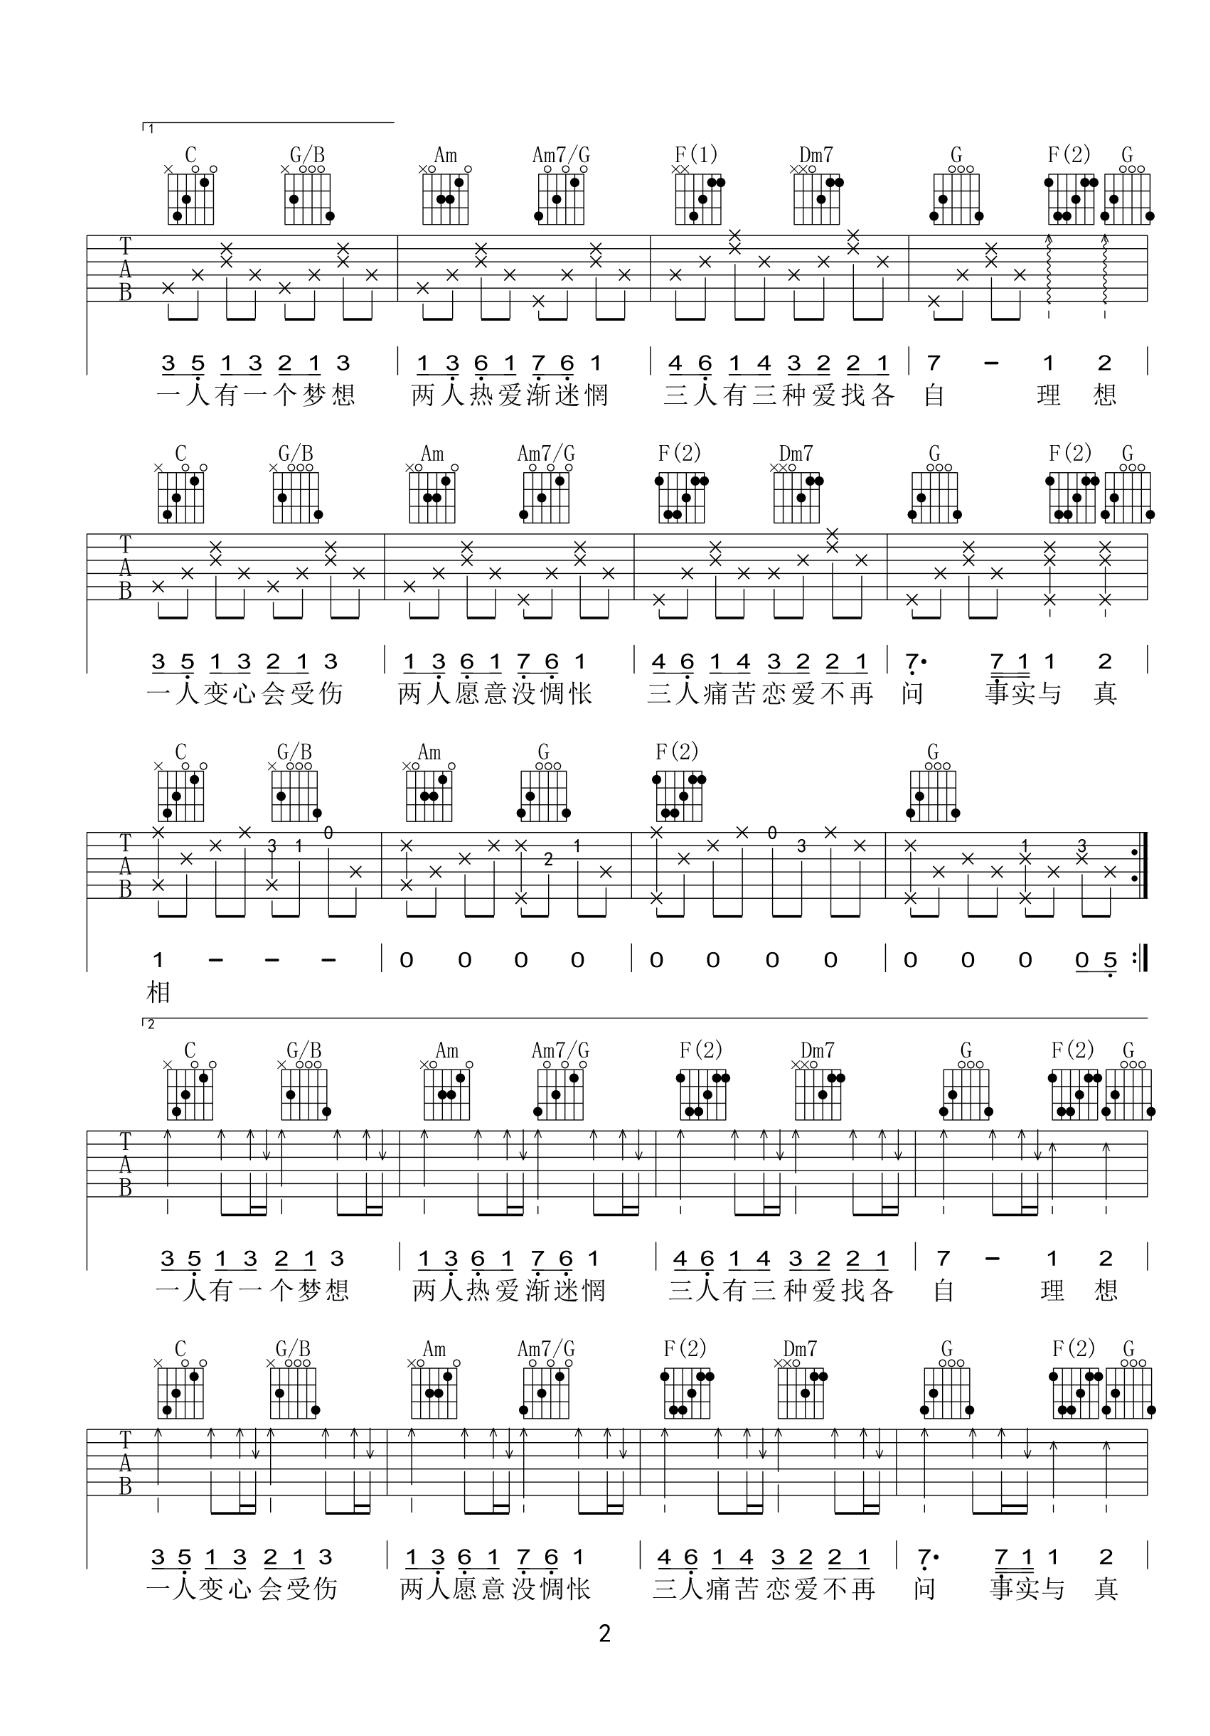 黎瑞恩-一人有一个梦想吉他谱2